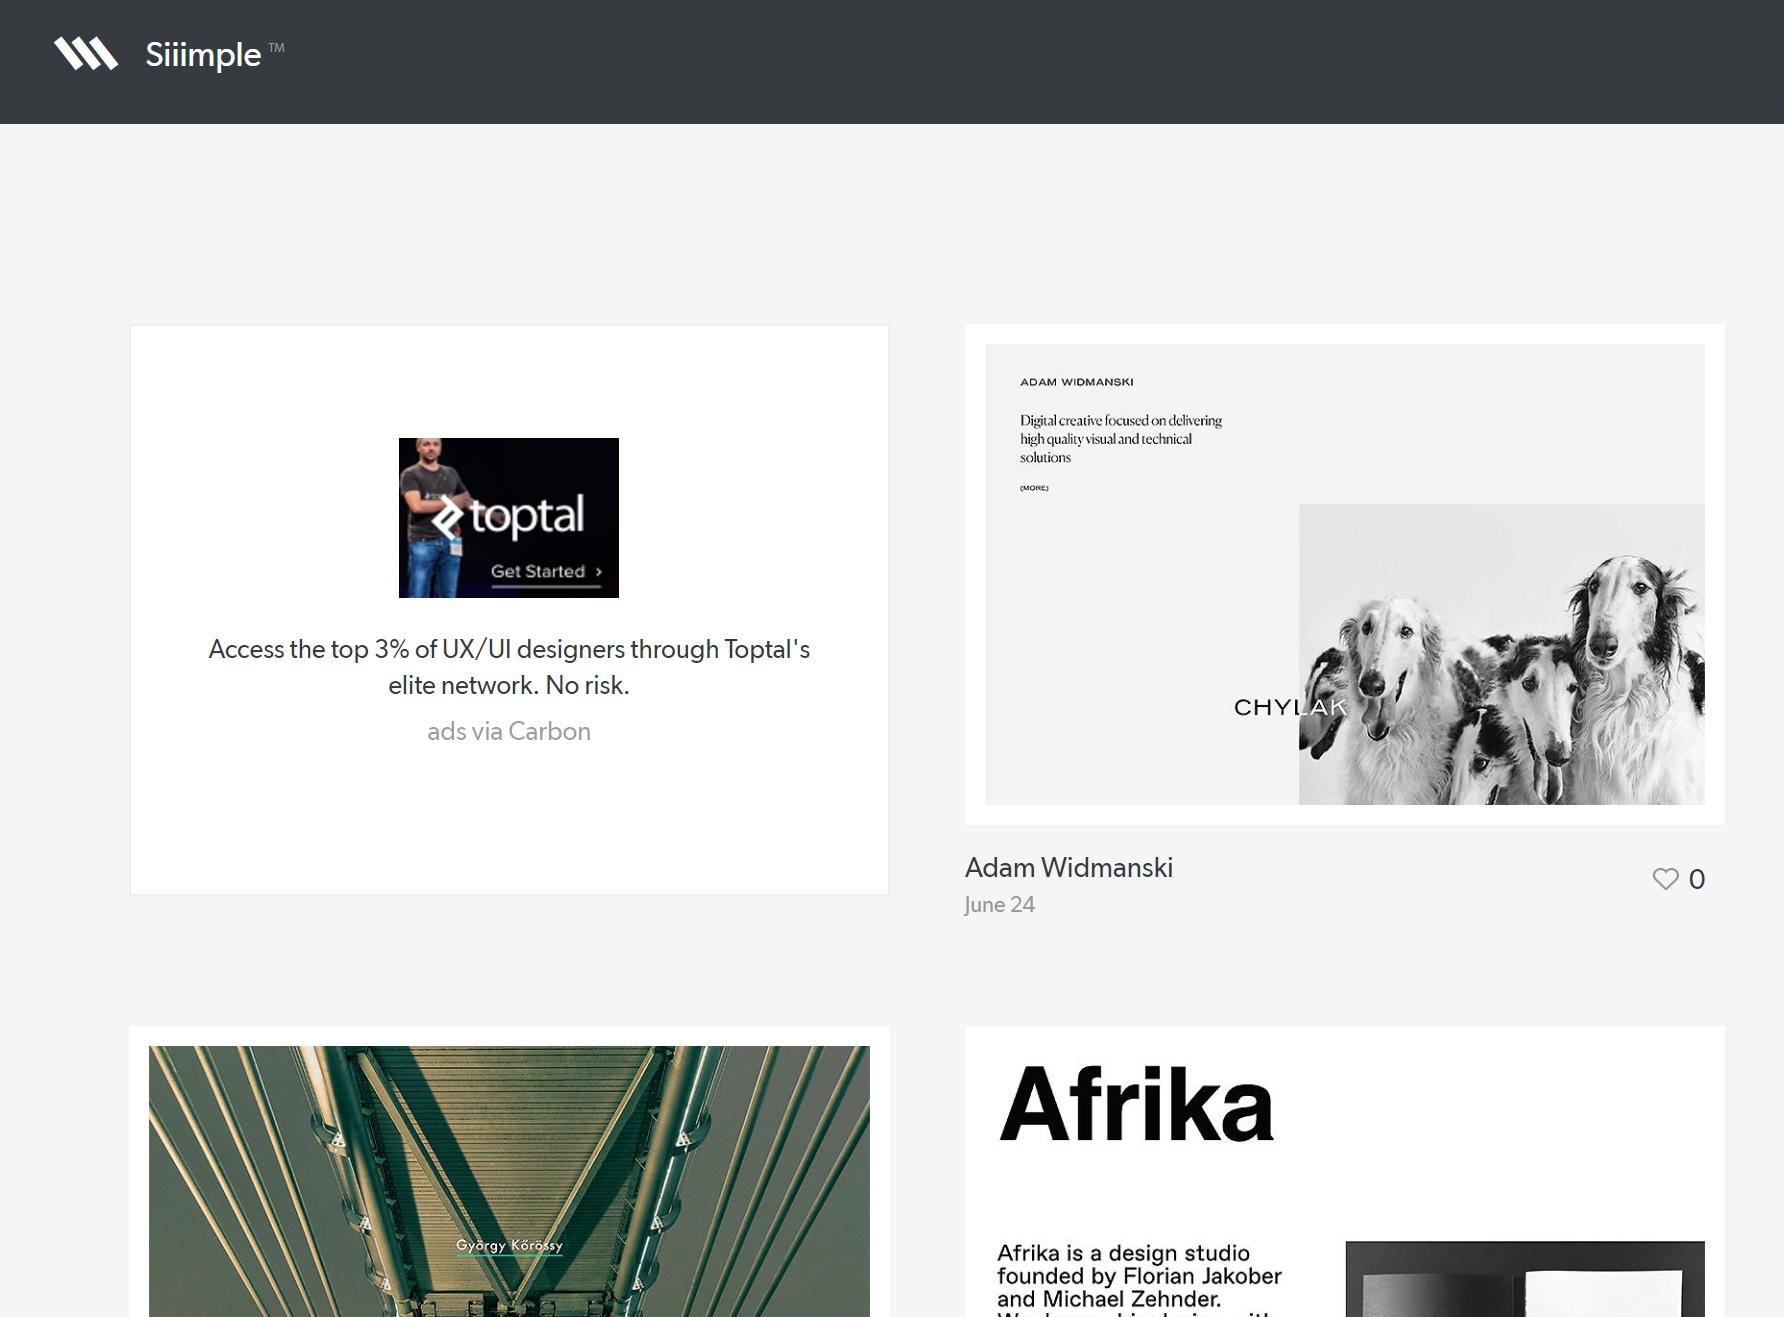 siiimple - wordpressでデザインを自作する方法とかっこいいトップページの一覧